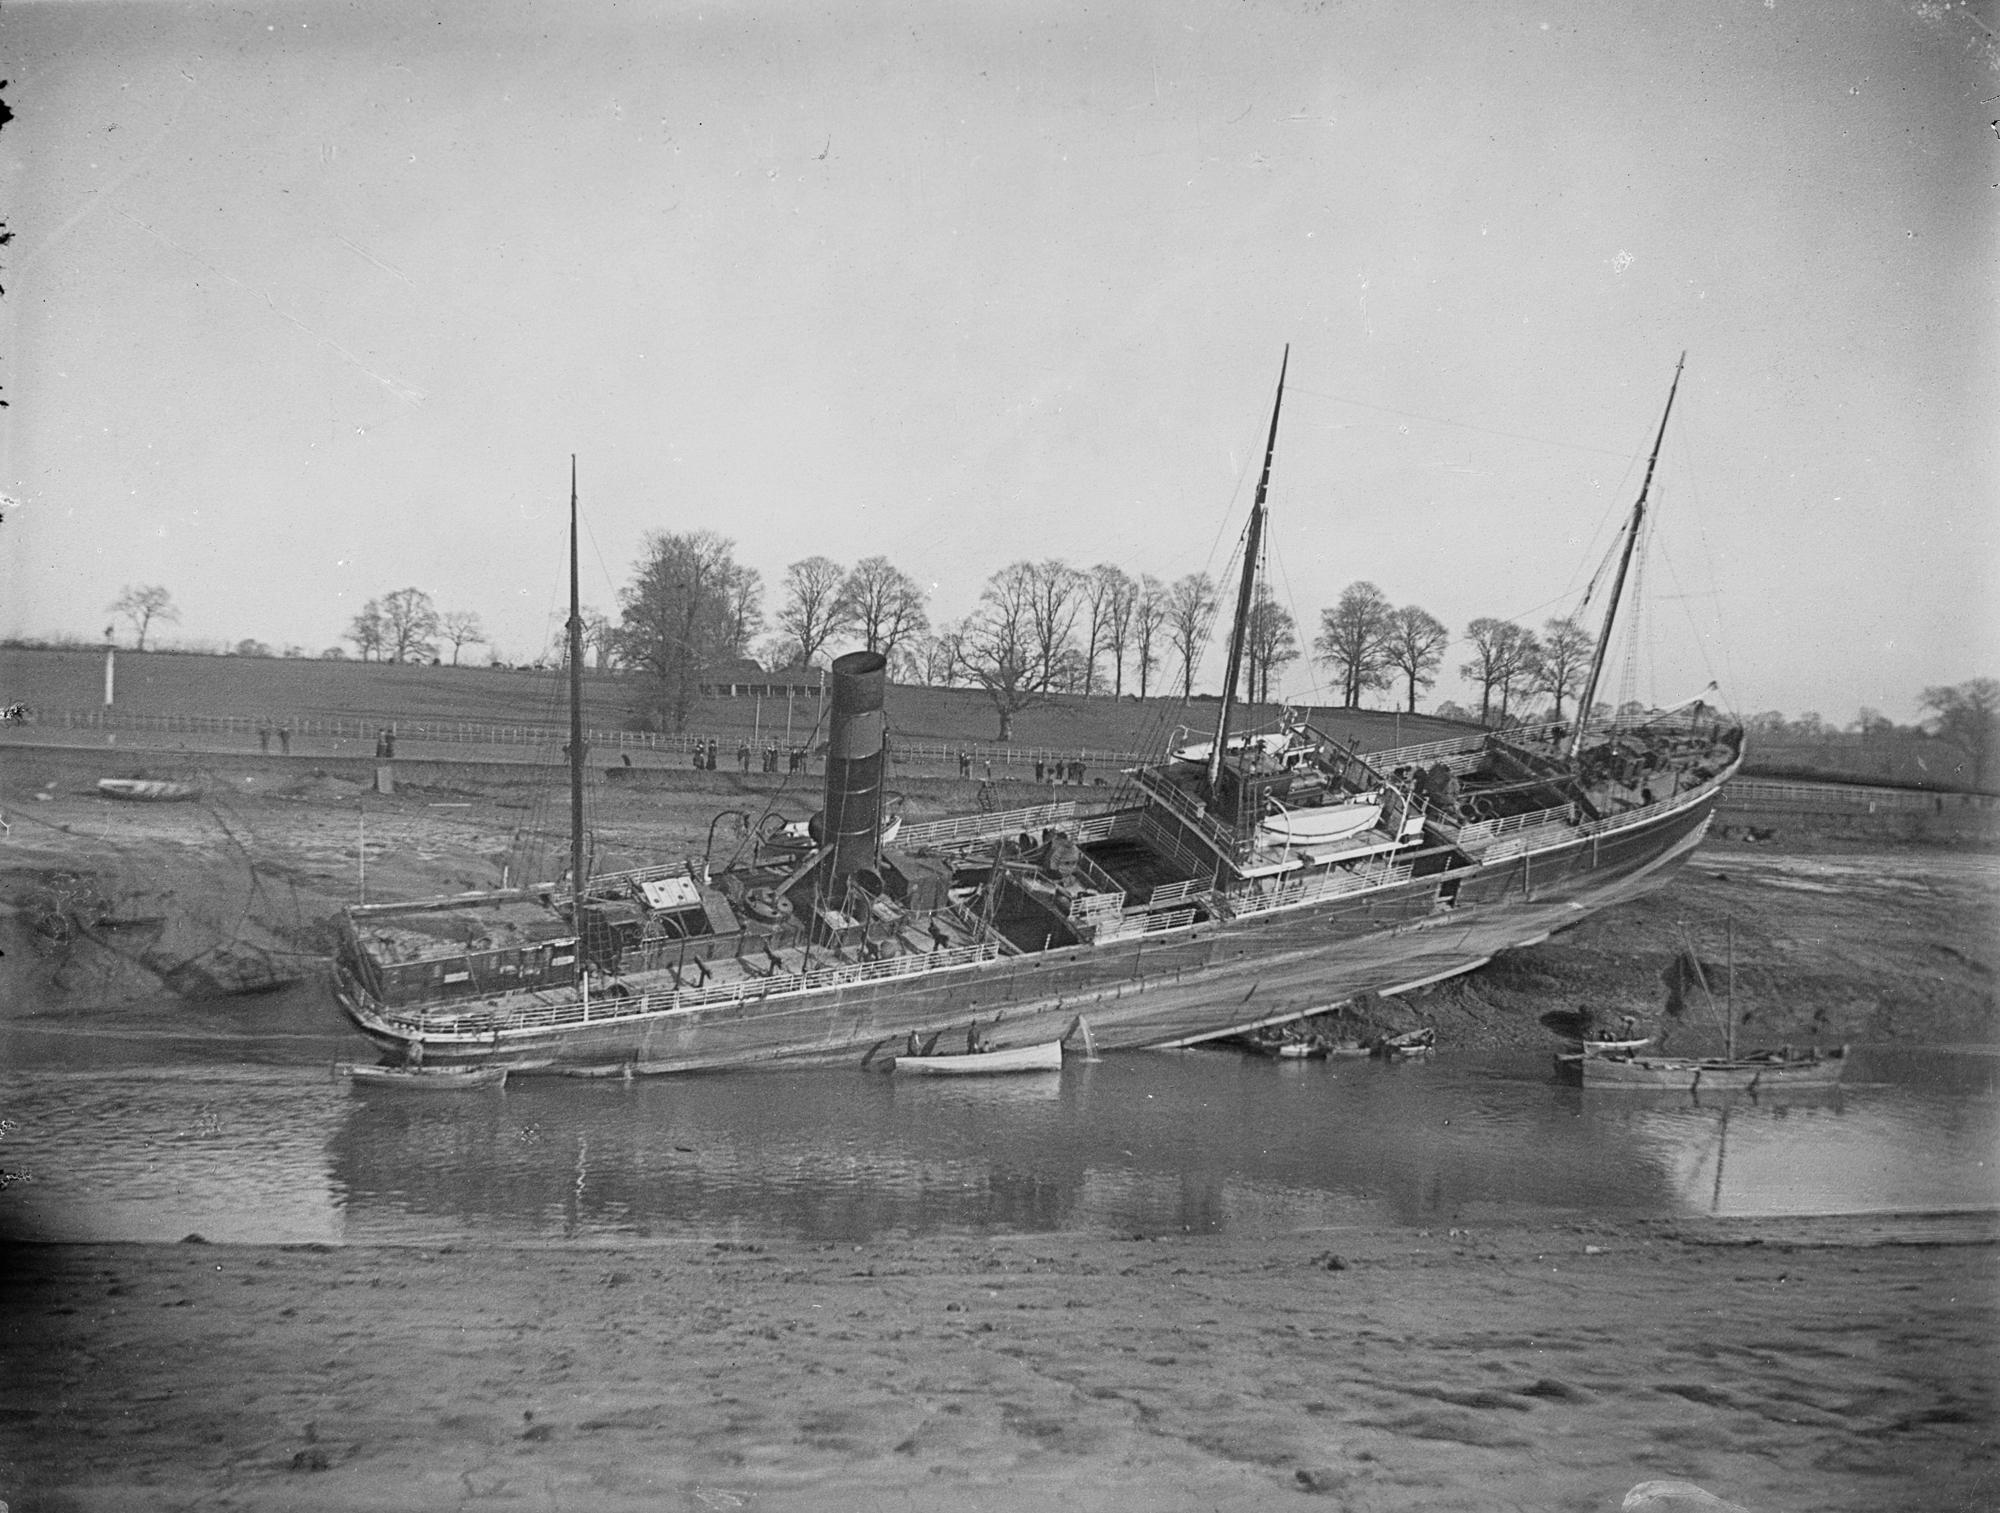 S.S. Dunbrody stranded in Avon